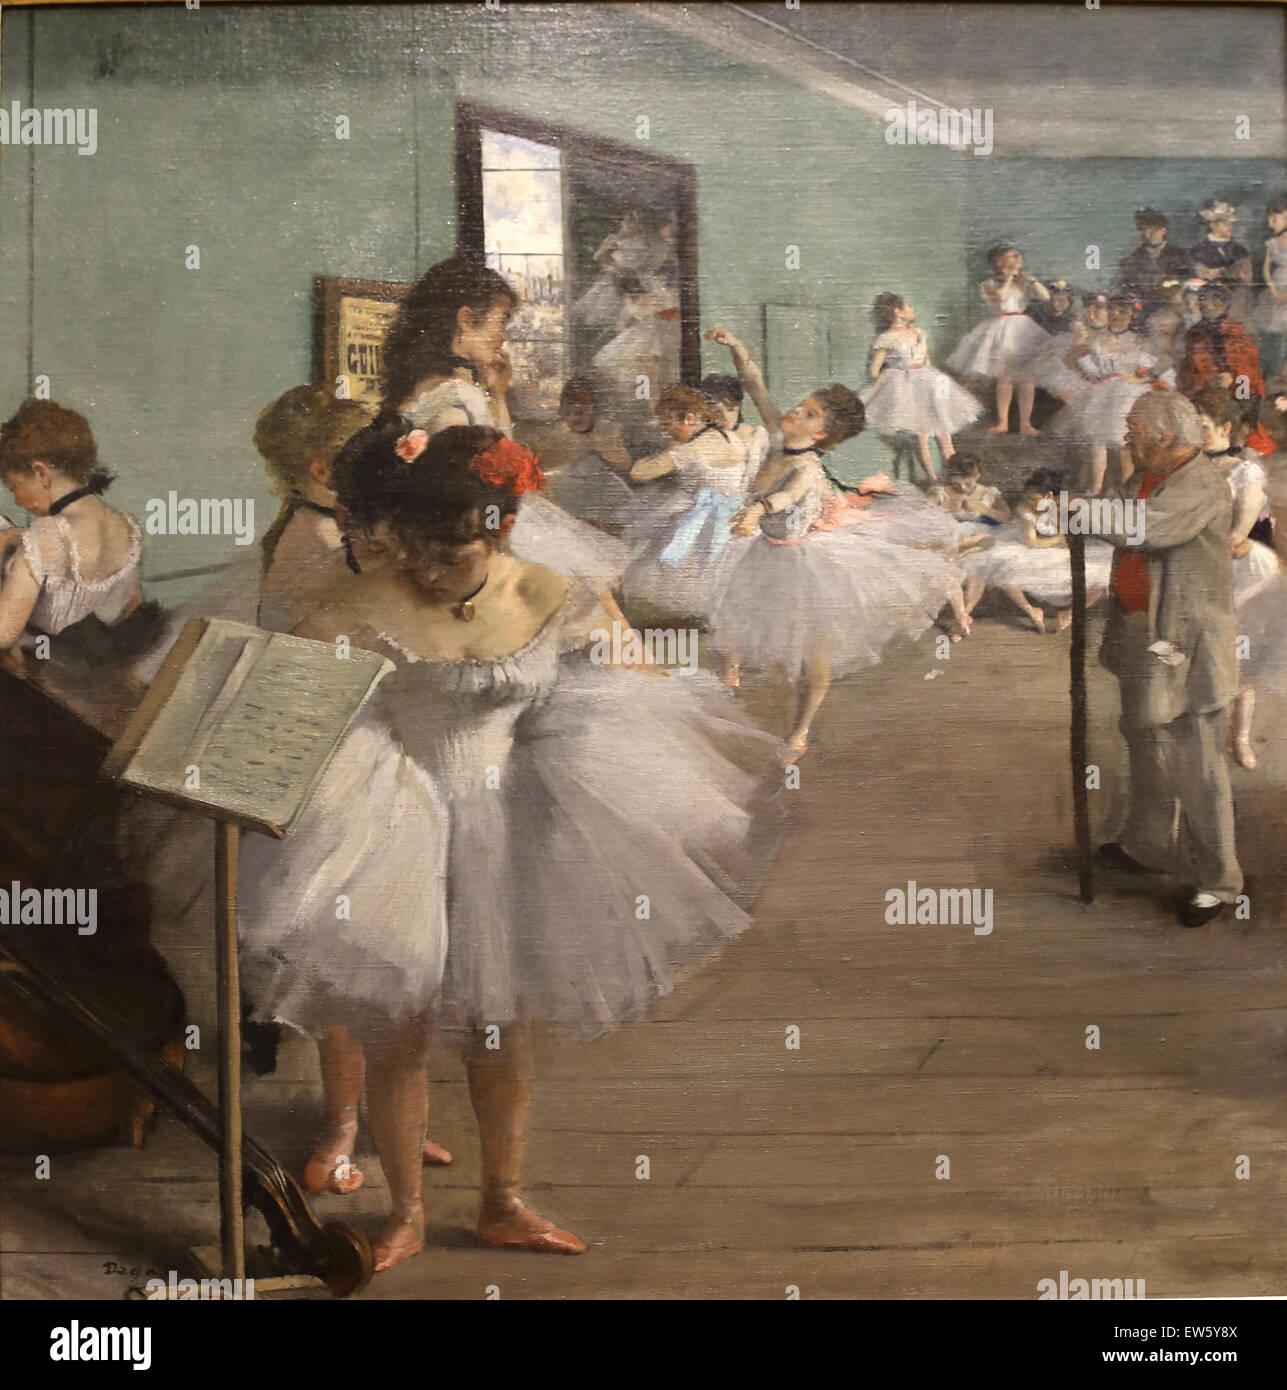 Edgar Degas (1834-1917). Le peintre français. La classe de danse, 1874. Huile sur toile. Metropolitan Museum Photo Stock